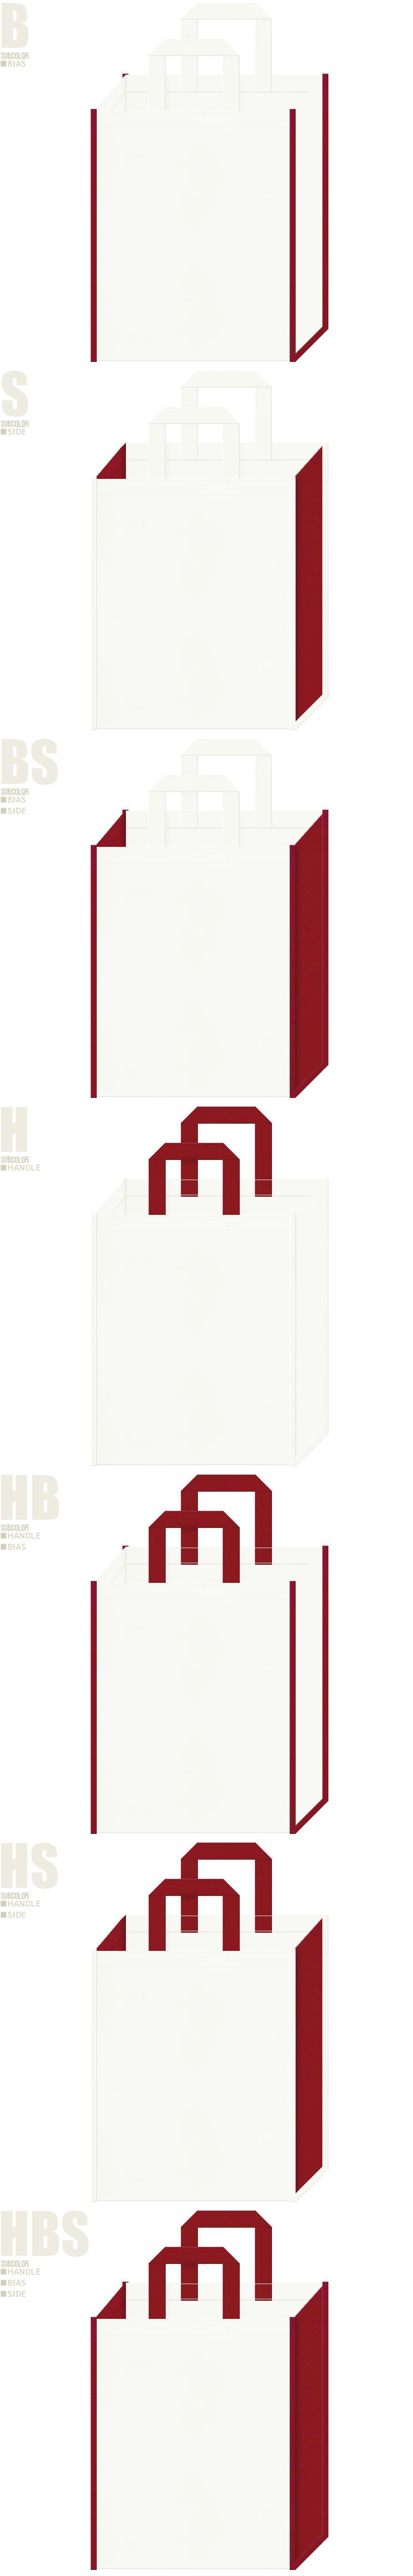 和装・着物の展示会用バッグにお奨めです。オフホワイト色とエンジ色の不織布バッグ配色7パターンのデザイン。